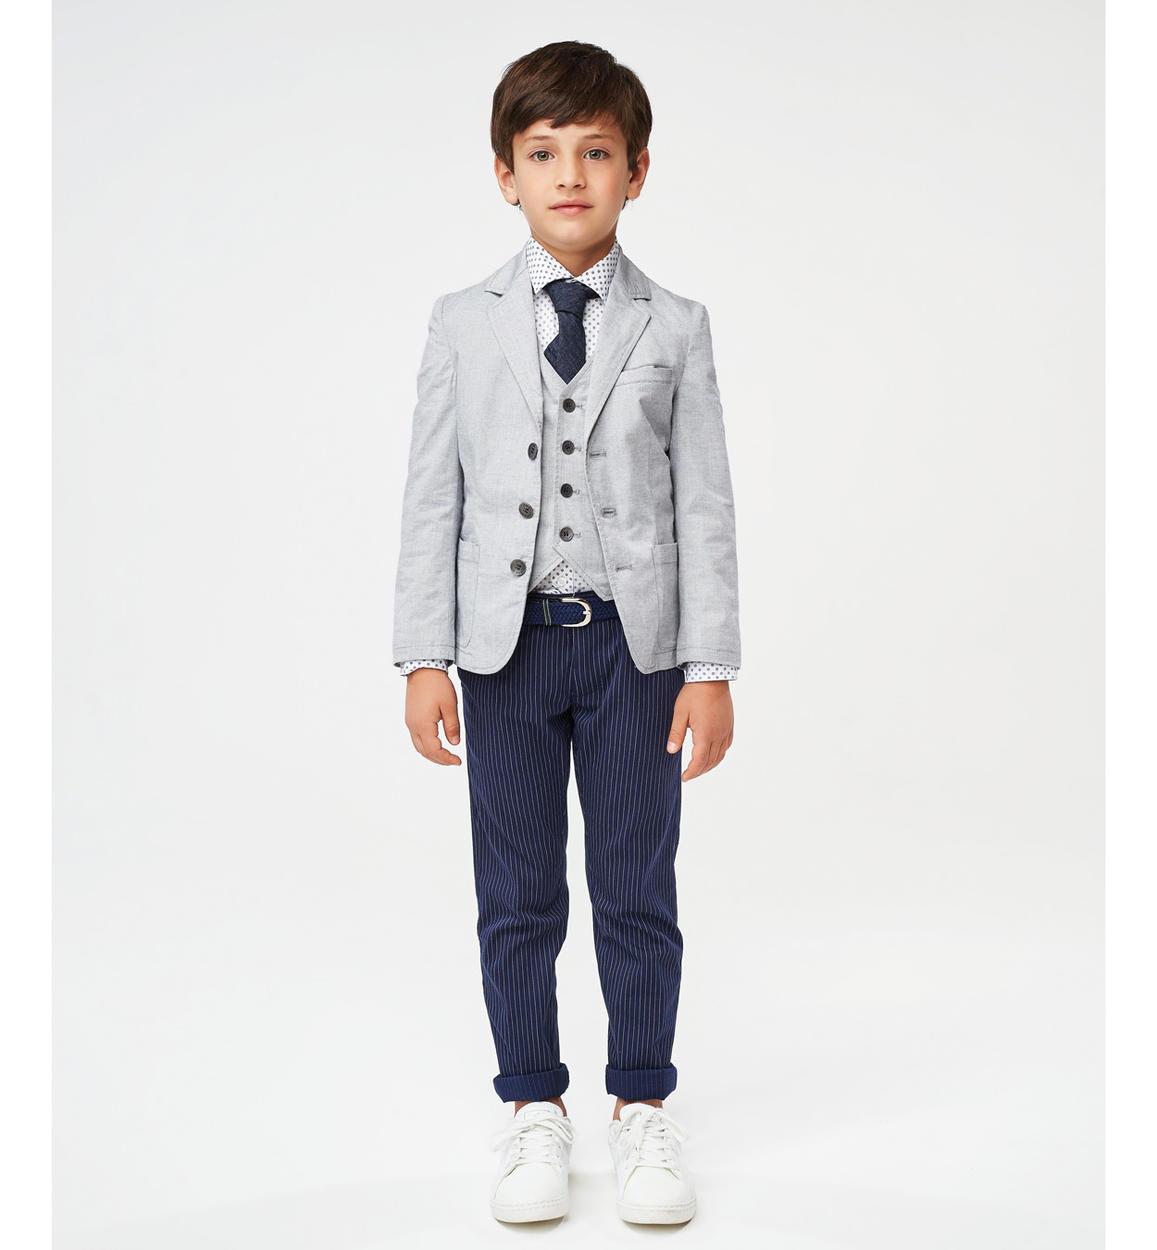 elegante gilet in popeline per bambino d grigio dettaglio 03 2904j46900 0516 150x150